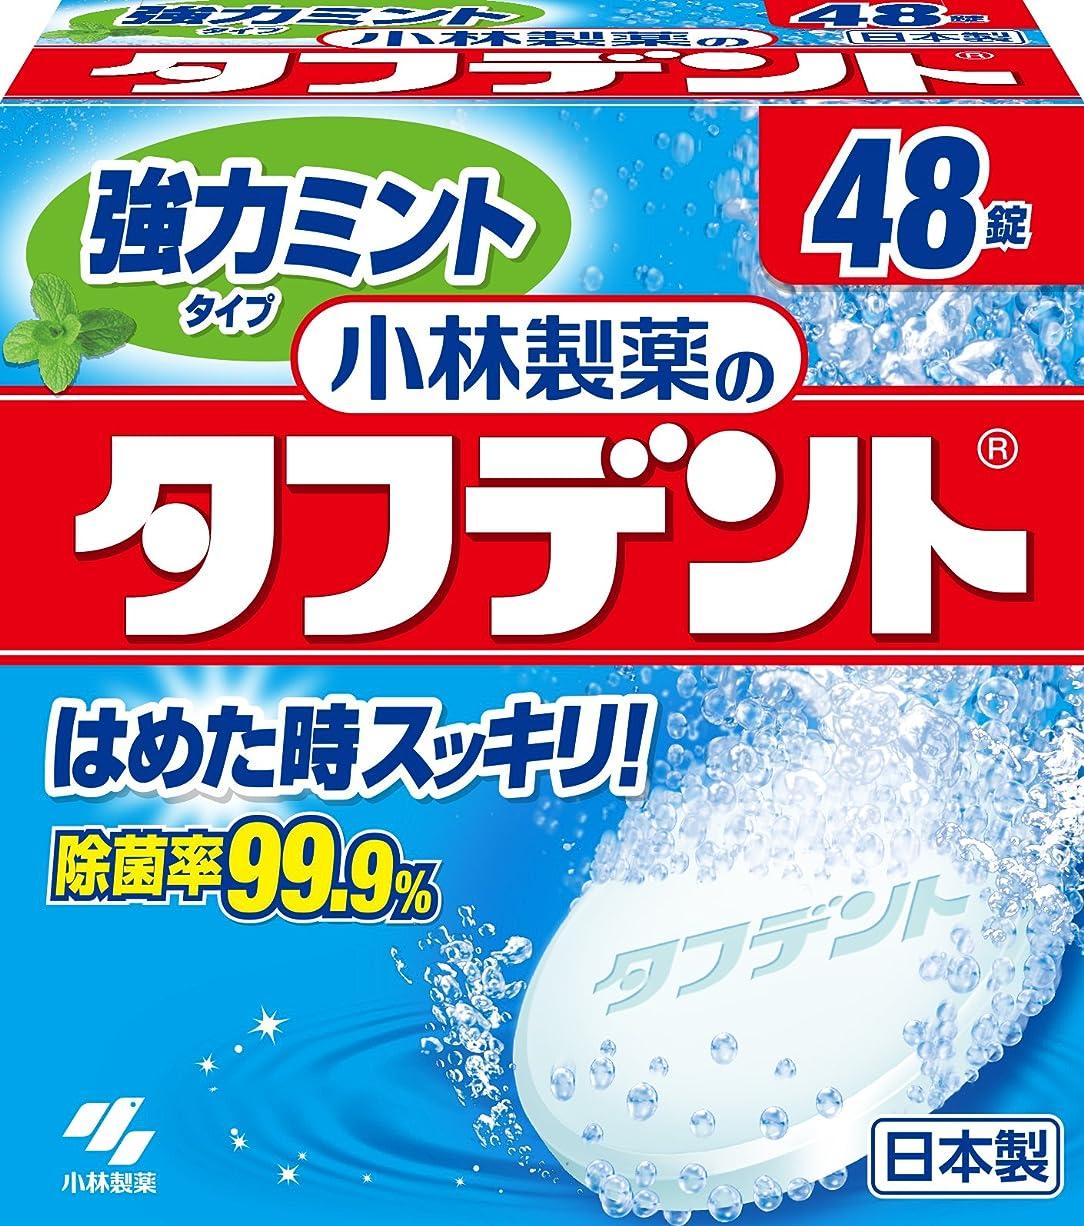 顔料甘やかす絡み合い小林製薬のタフデント強力ミントタイプ 入れ歯用洗浄剤 ミントの香り 48錠